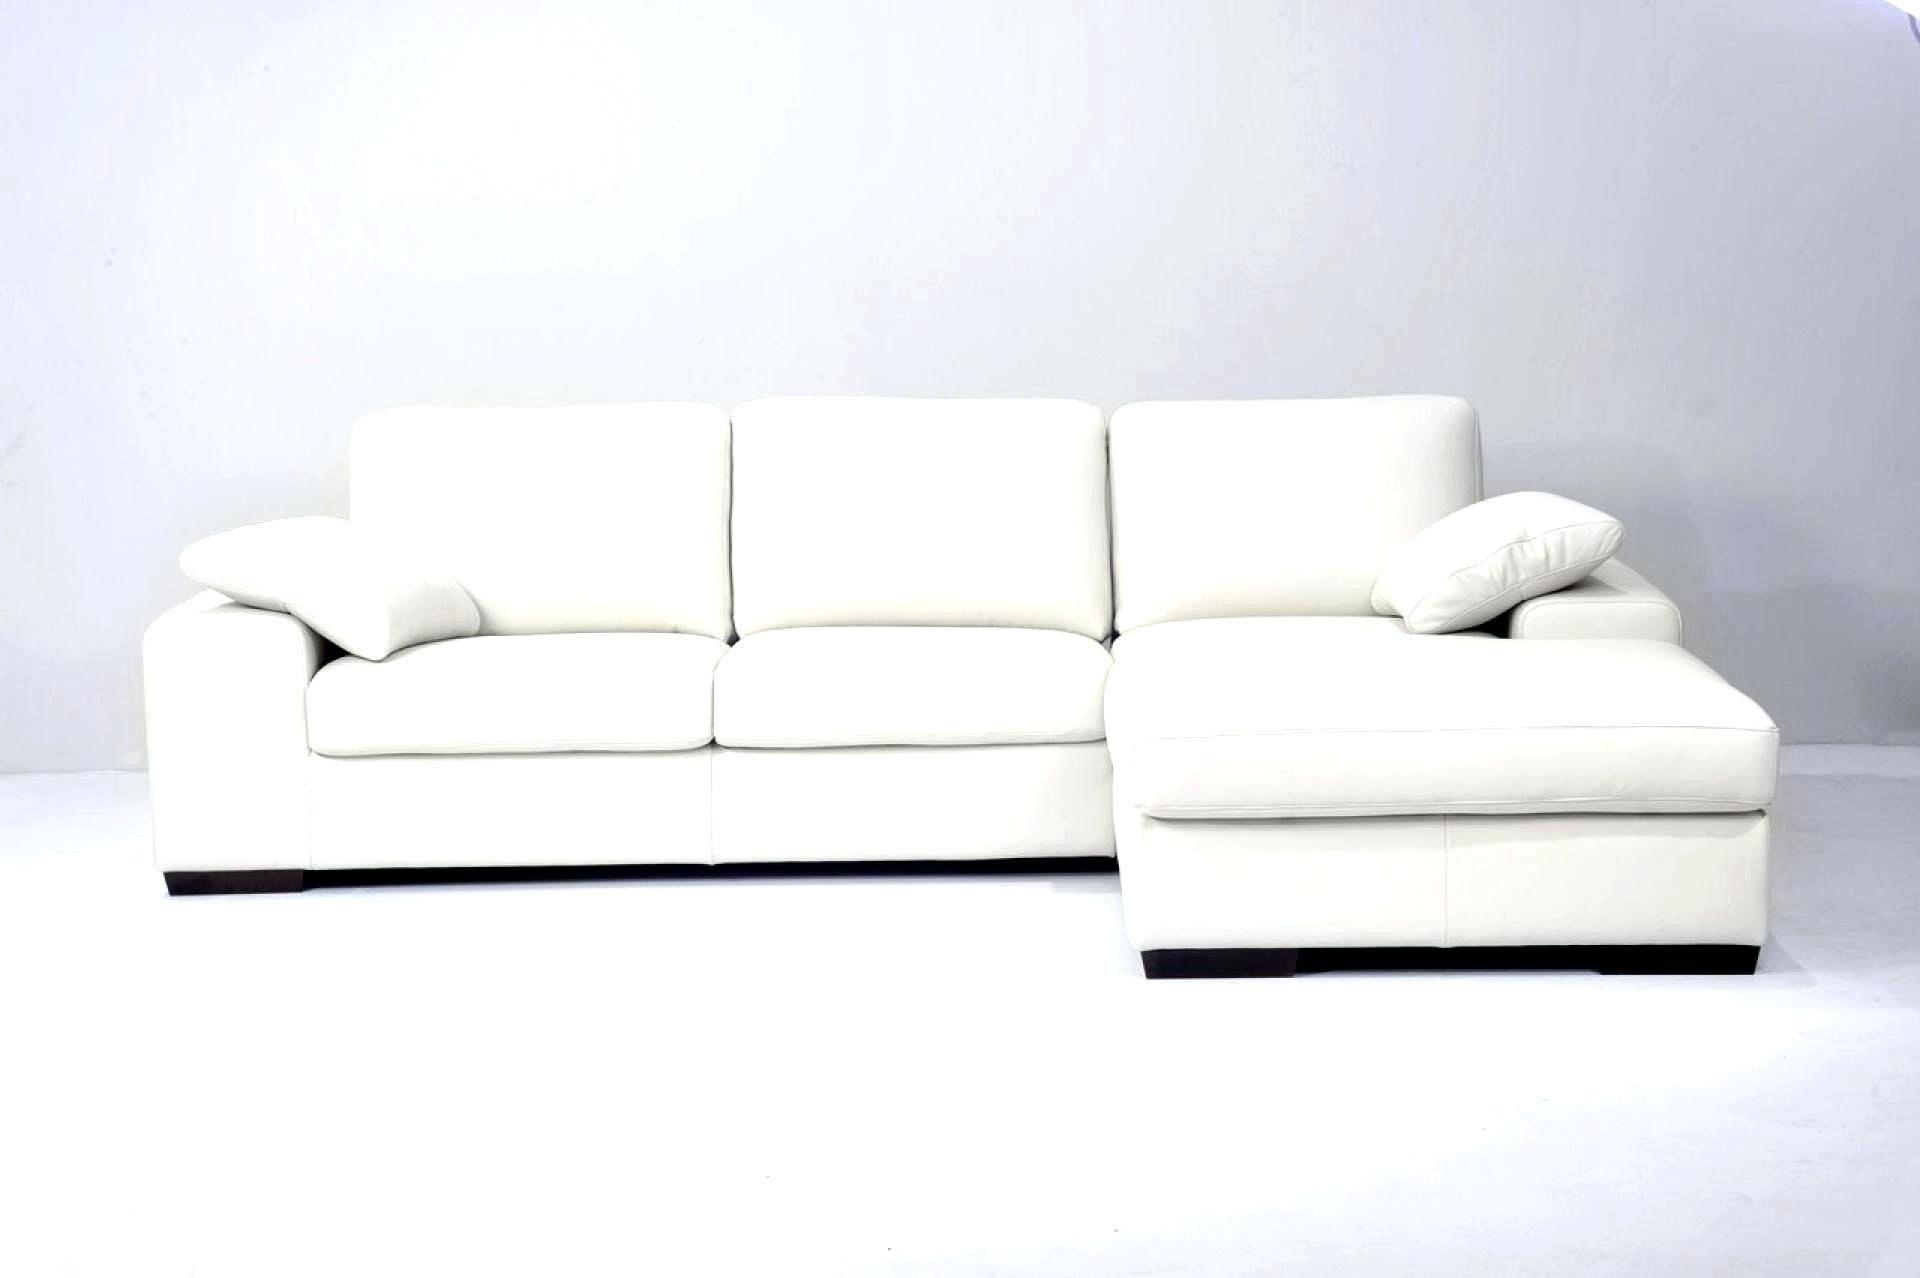 Lit Superposé 3 Couchages Charmant Juste Canapé Lit Superposé Et Ikea Canap Lit Ma17 Hemnes Lit